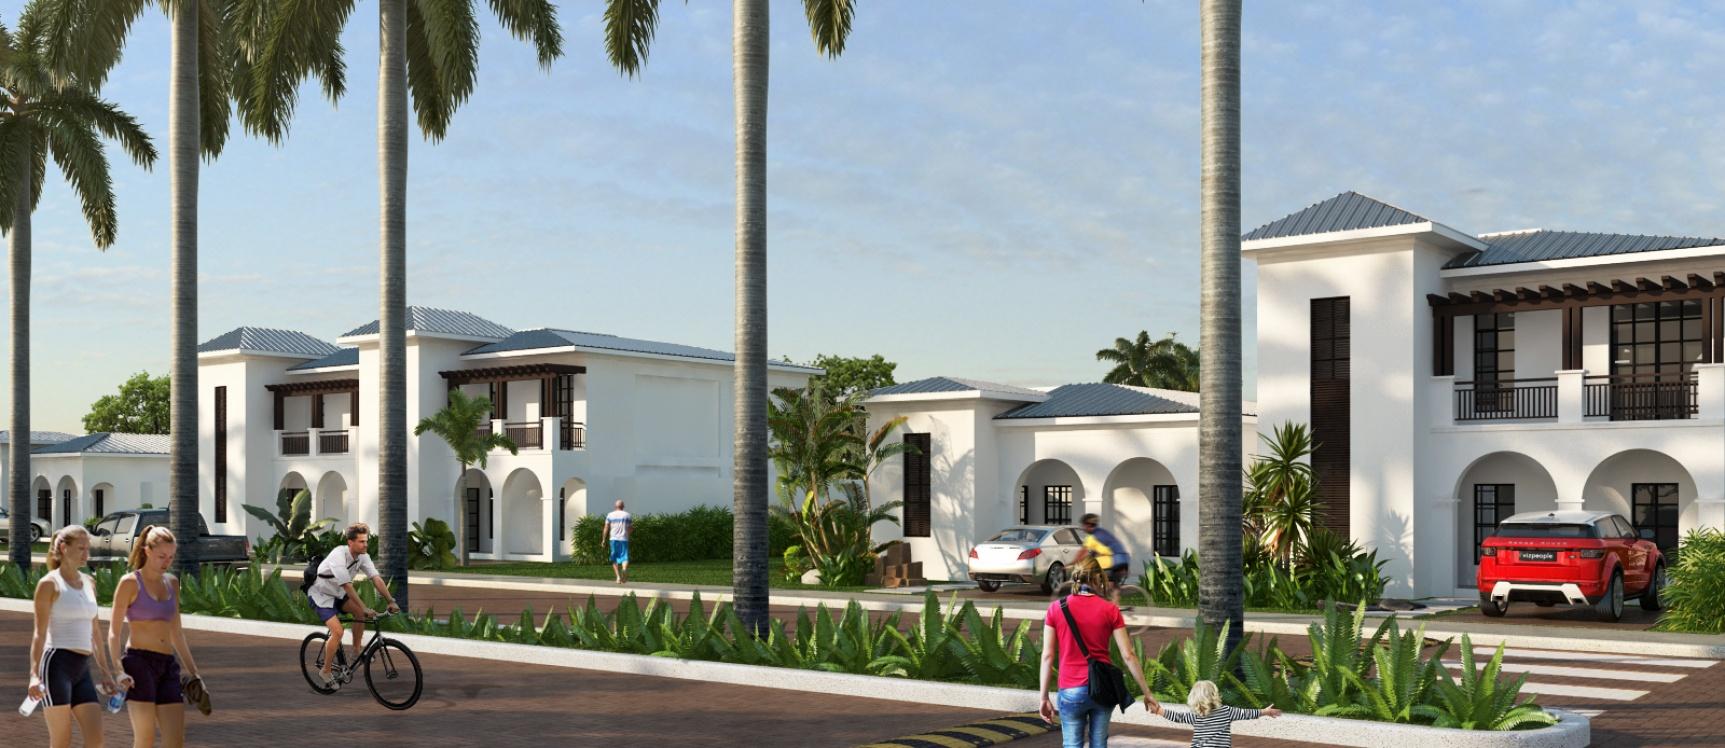 GeoBienes - Terreno en venta en Mz A - Balcón de las Ballenas - Plusvalia Guayaquil Casas de venta y alquiler Inmobiliaria Ecuador